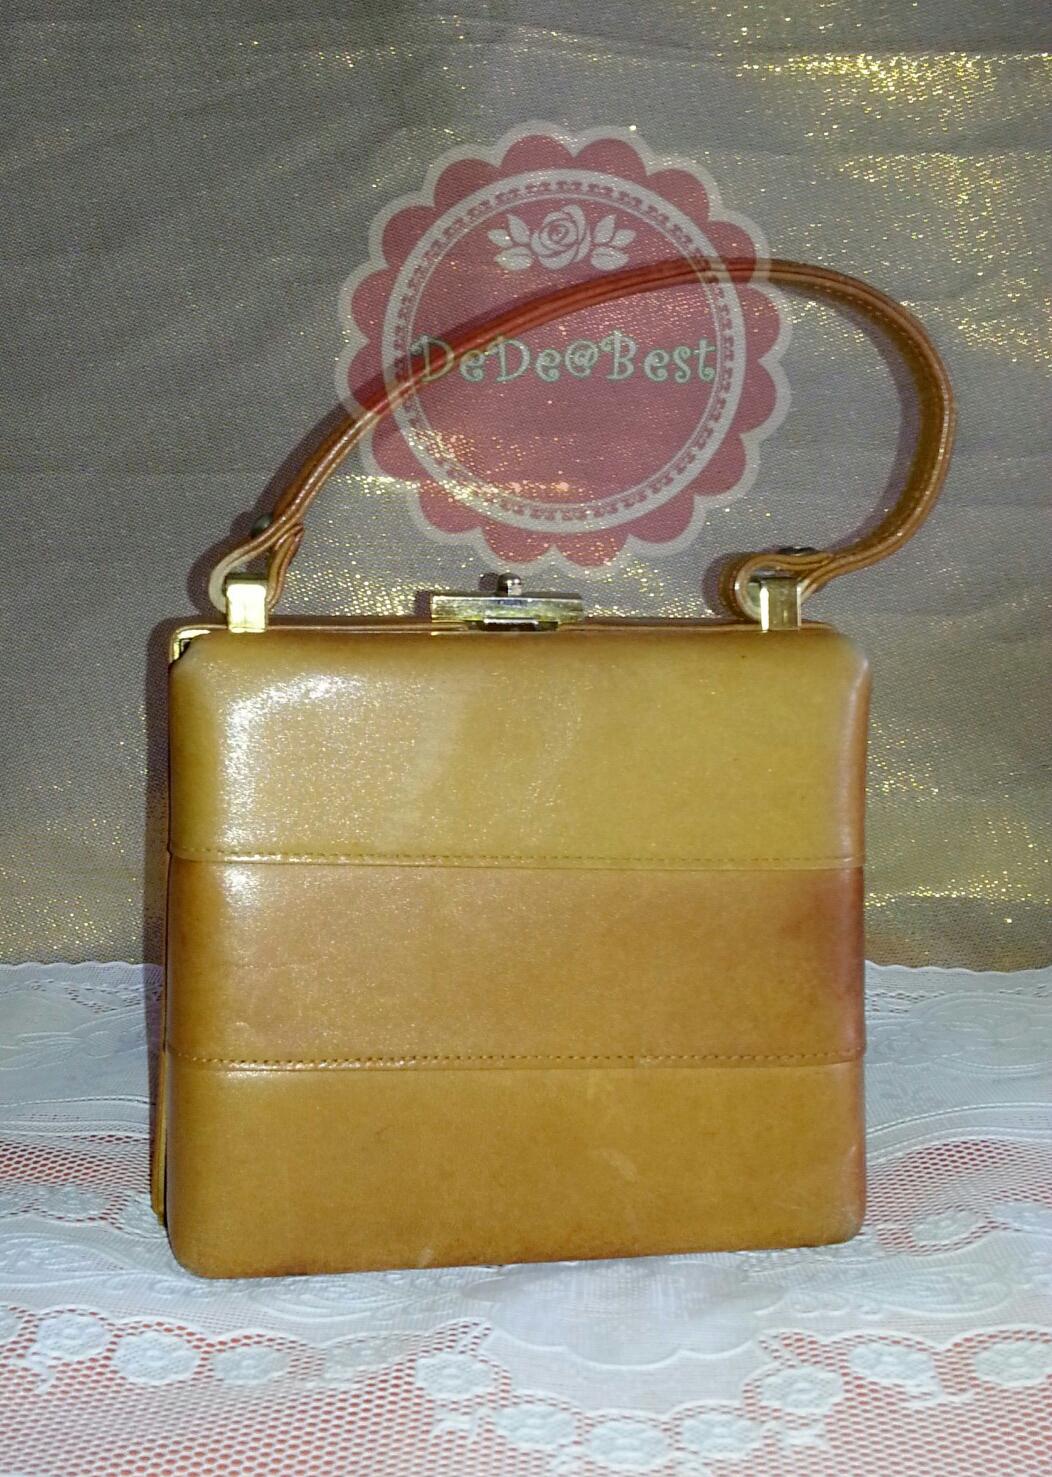 ขายแล้วค่ะ B21:Vintage leather bag กระเป๋าถือหนังแท้สีน้ำตาลทอง ทรงสี่เหลี่ยม สวยค่ะ&#x2764